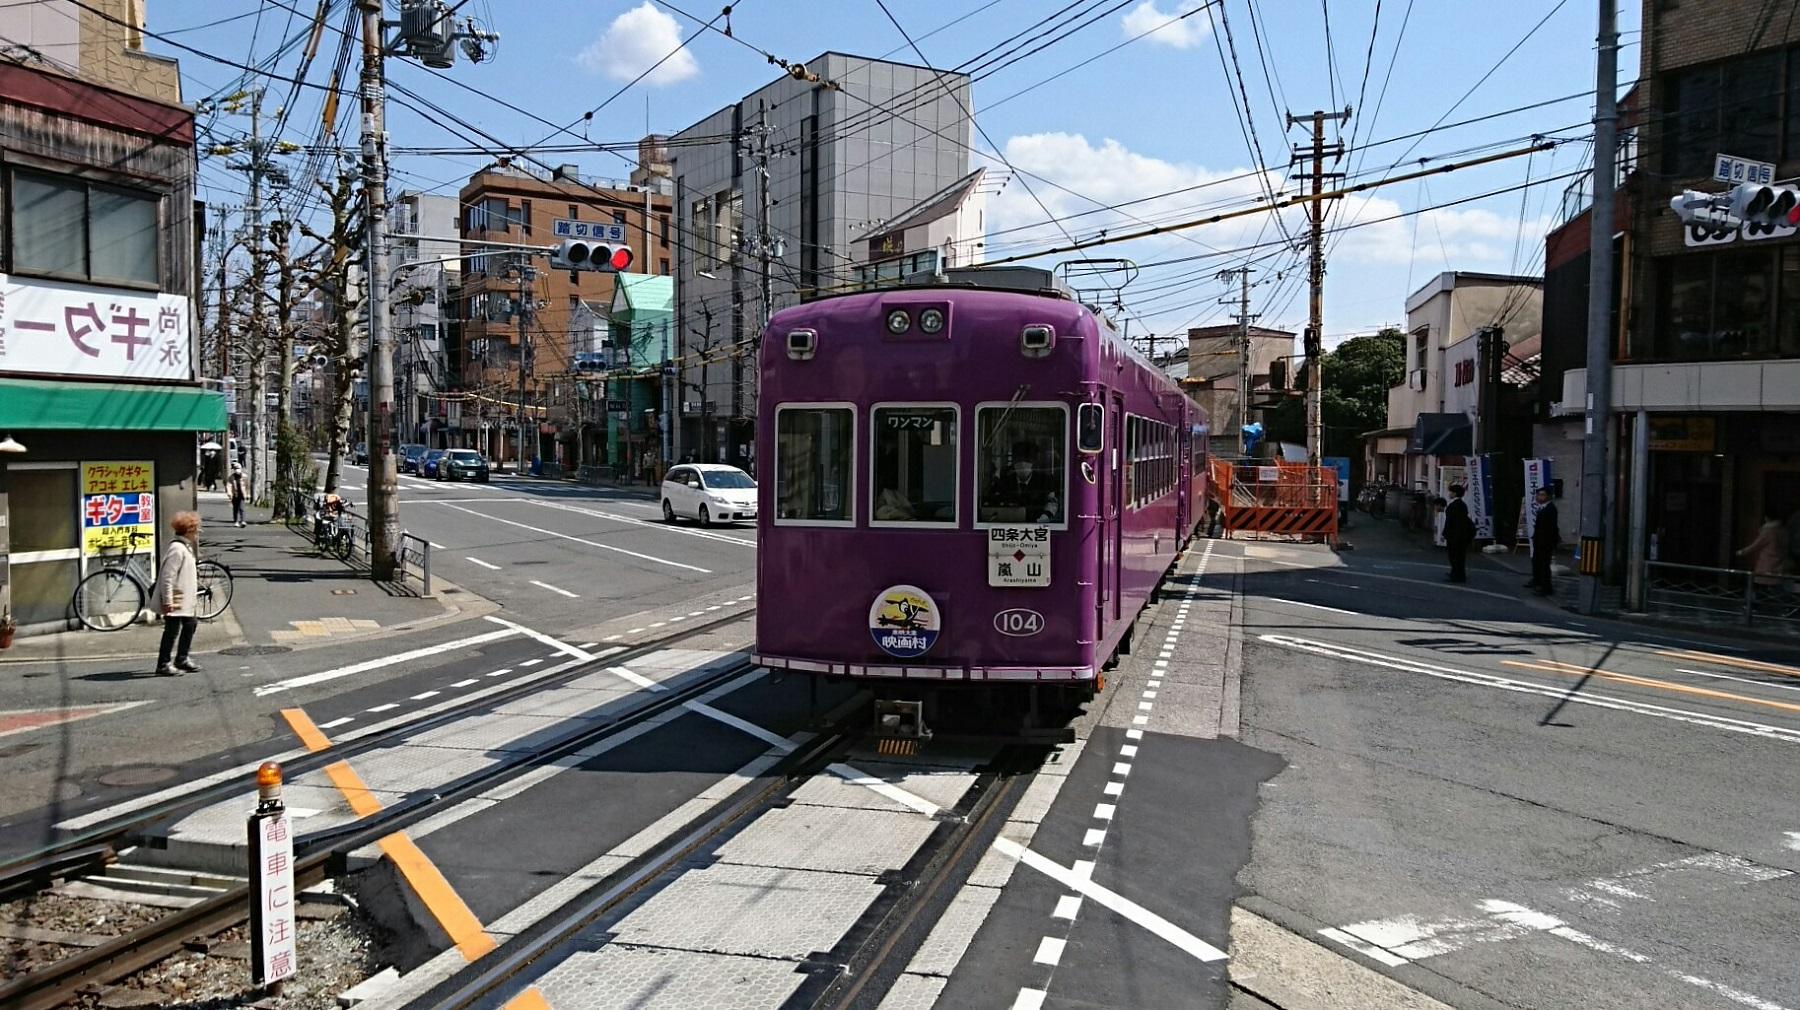 2017.4.2 西院のりかえ (3) 嵐山いき電車 1800-1010